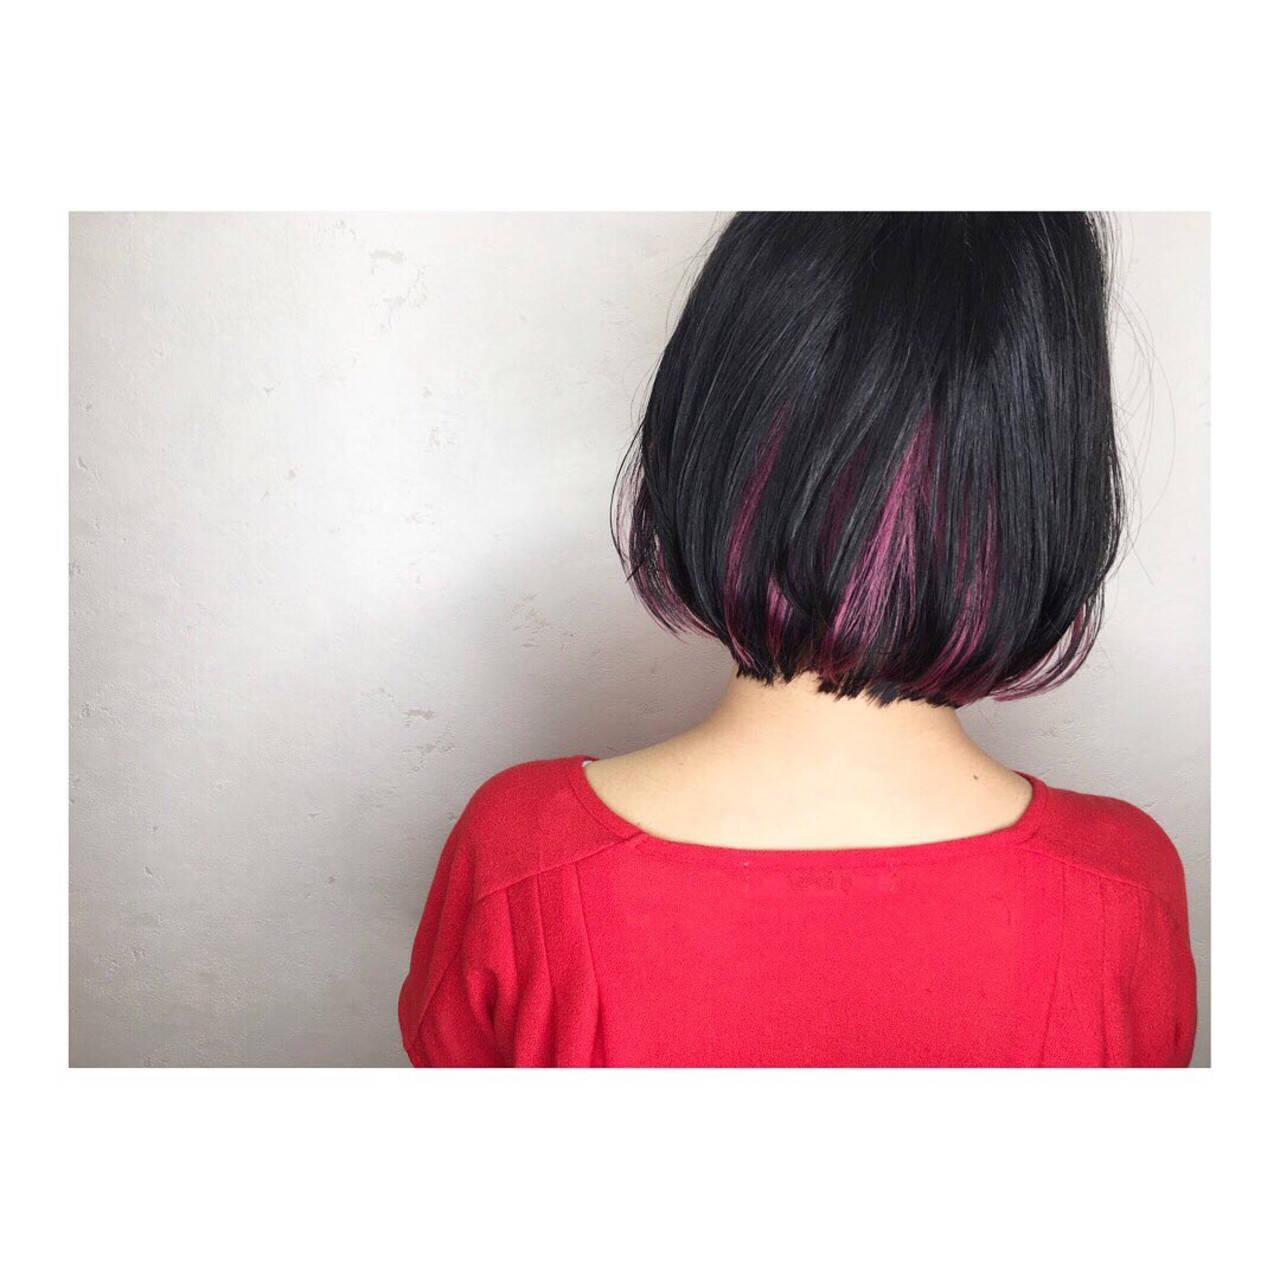 ハイトーンカラー ピンク ボブ ナチュラルヘアスタイルや髪型の写真・画像